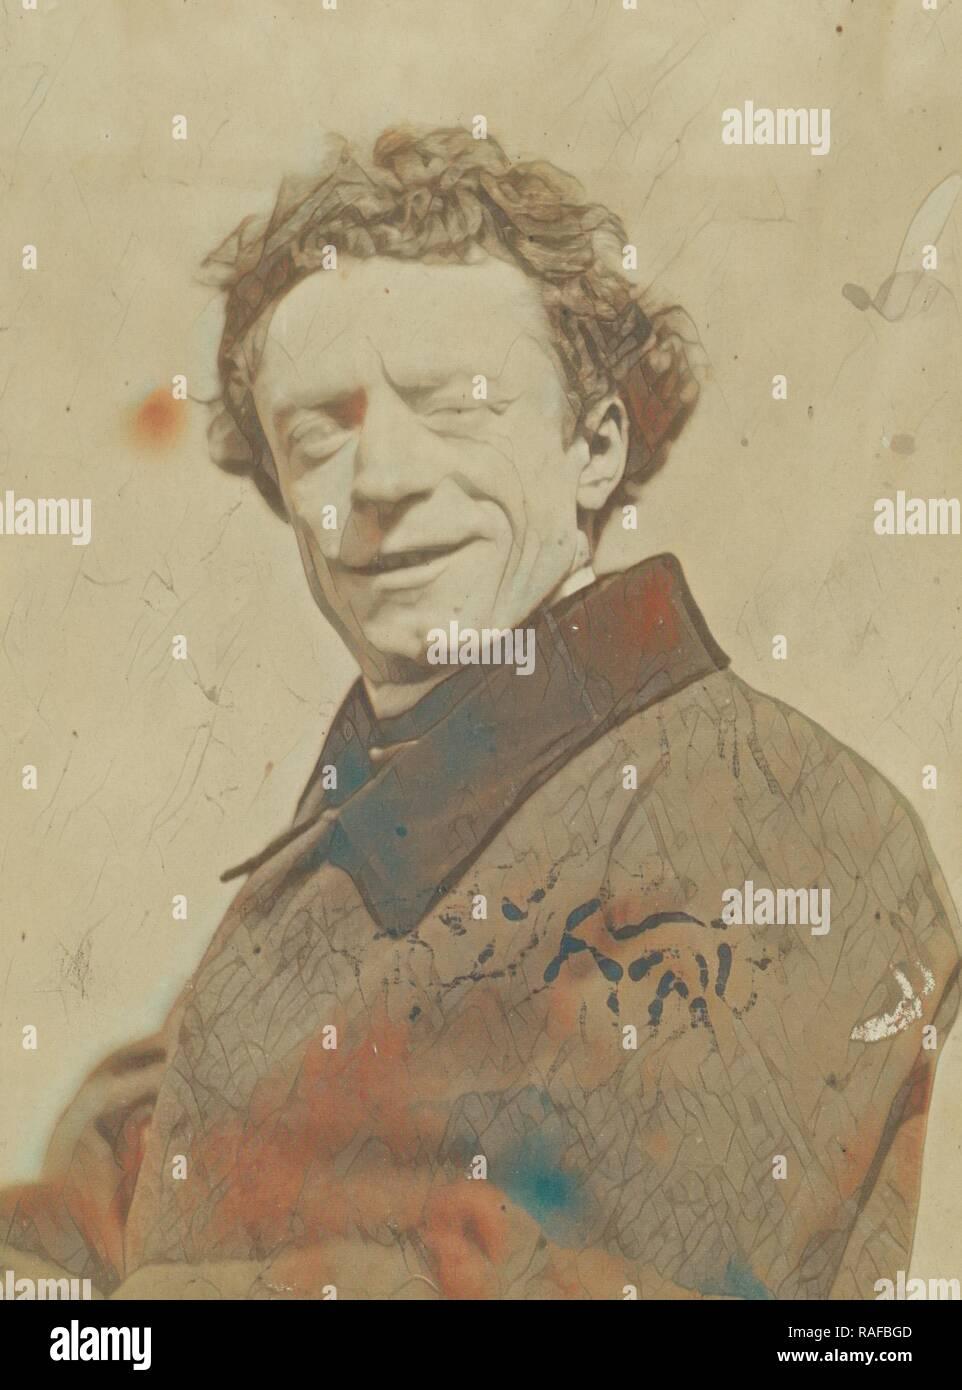 François-Louis Leseur, artiste dramatique (actor), Nadar, Gaspard Félix Tournachon (French, 1820 - 1910), 1854 - 1855 reimagined - Stock Image